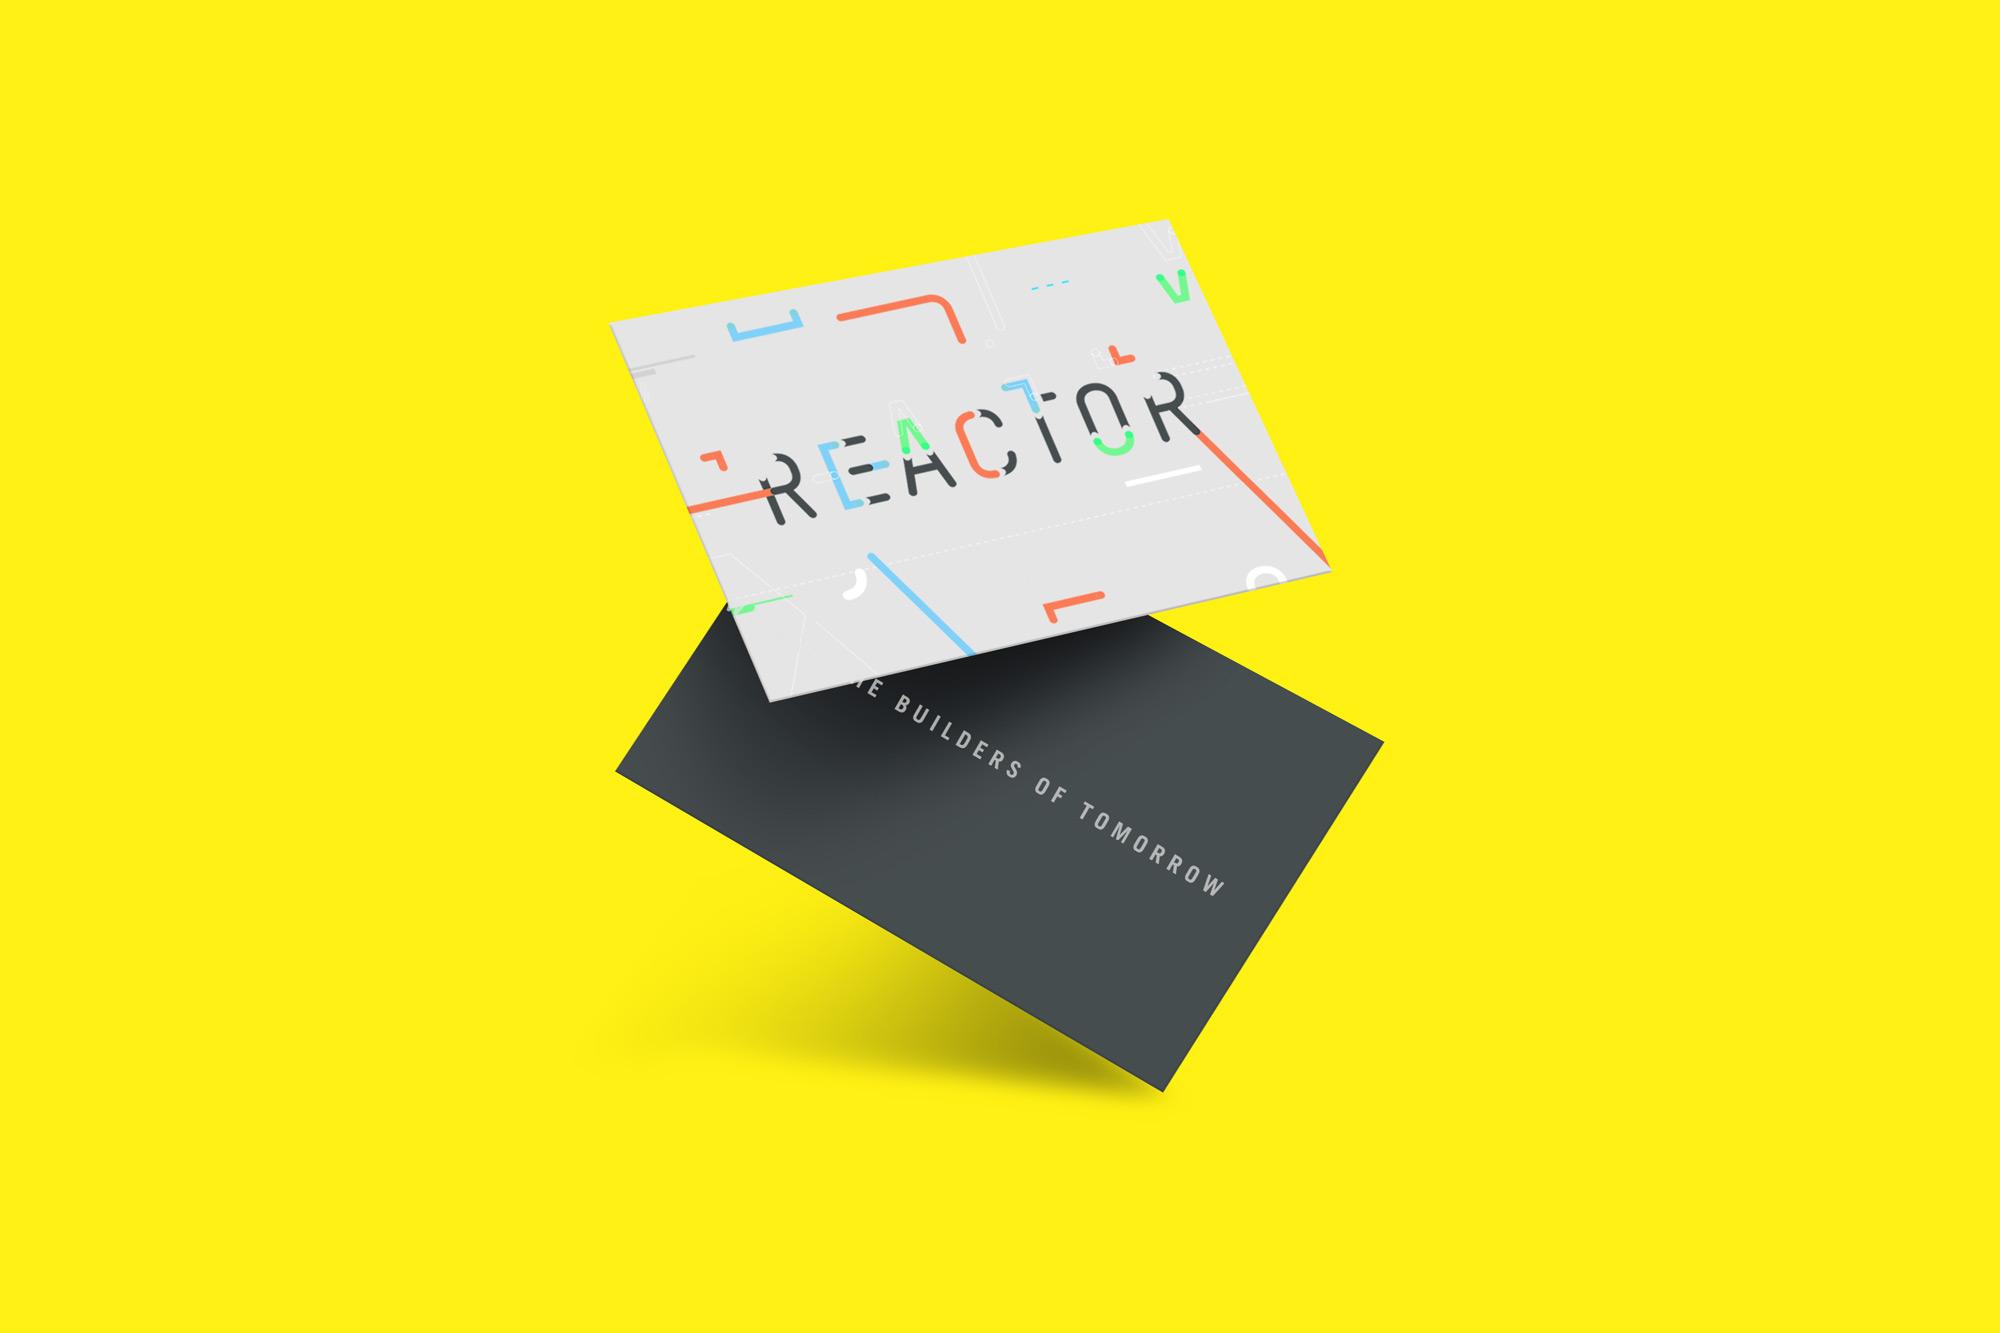 MS_Reactor_Card_v1.jpg